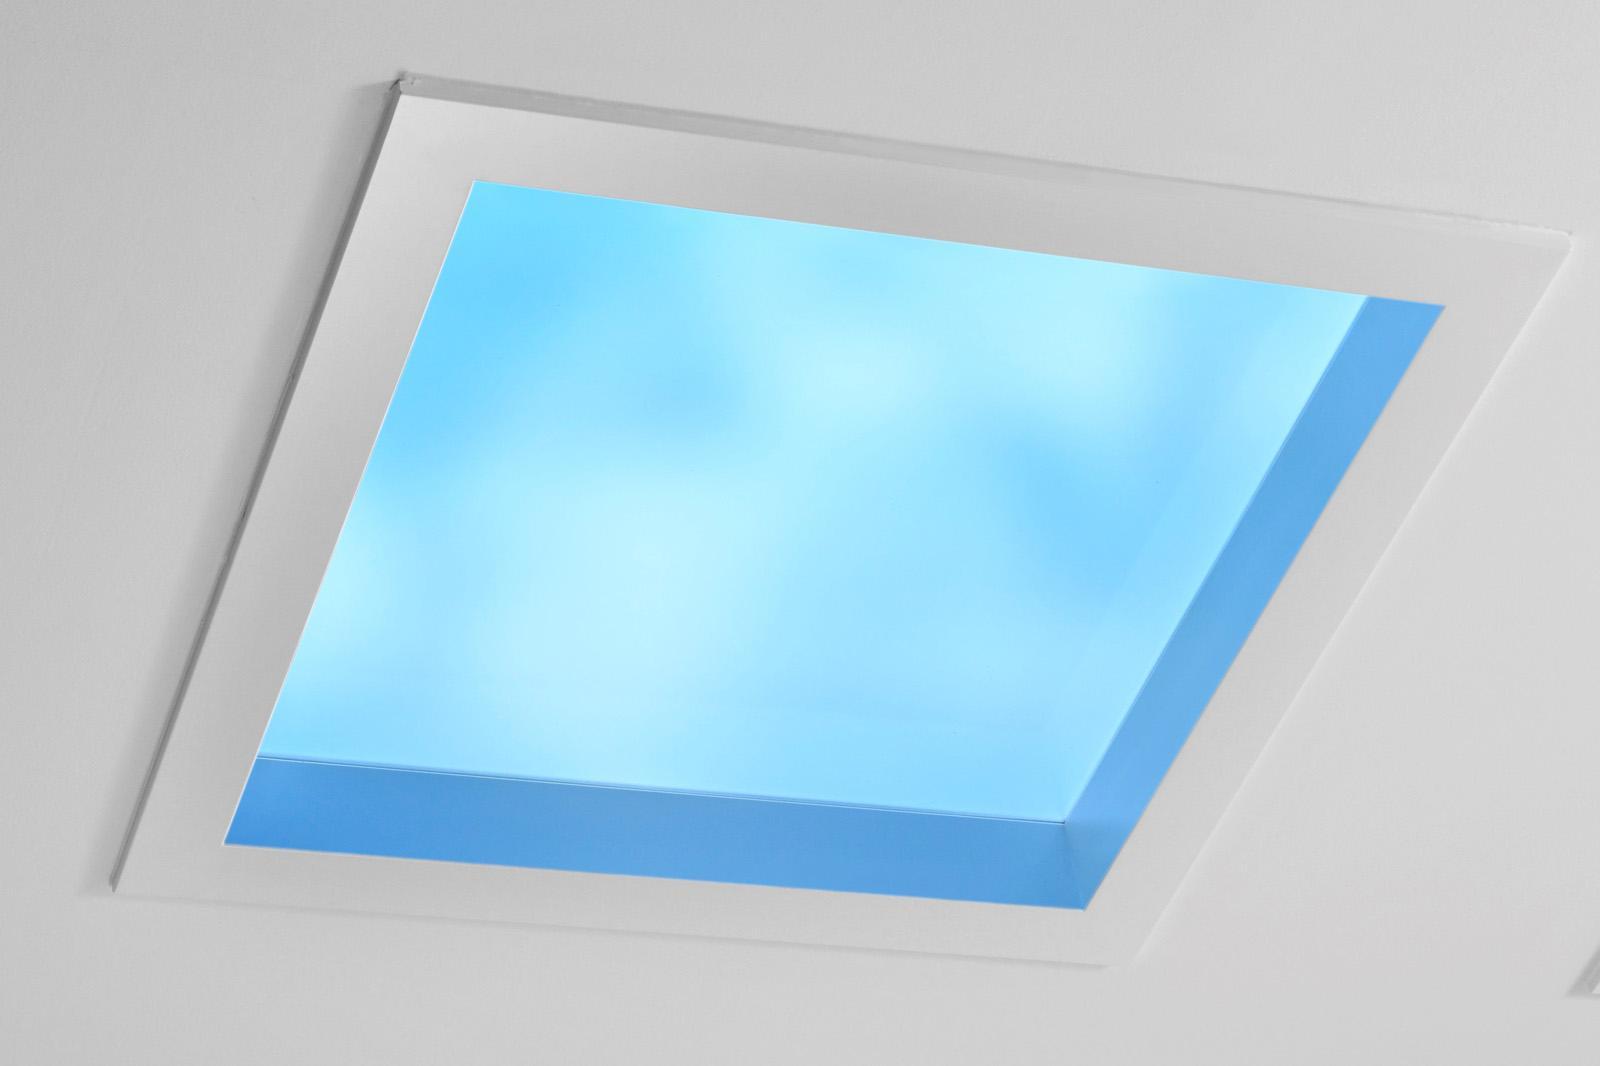 パナソニックが開発した天窓照明